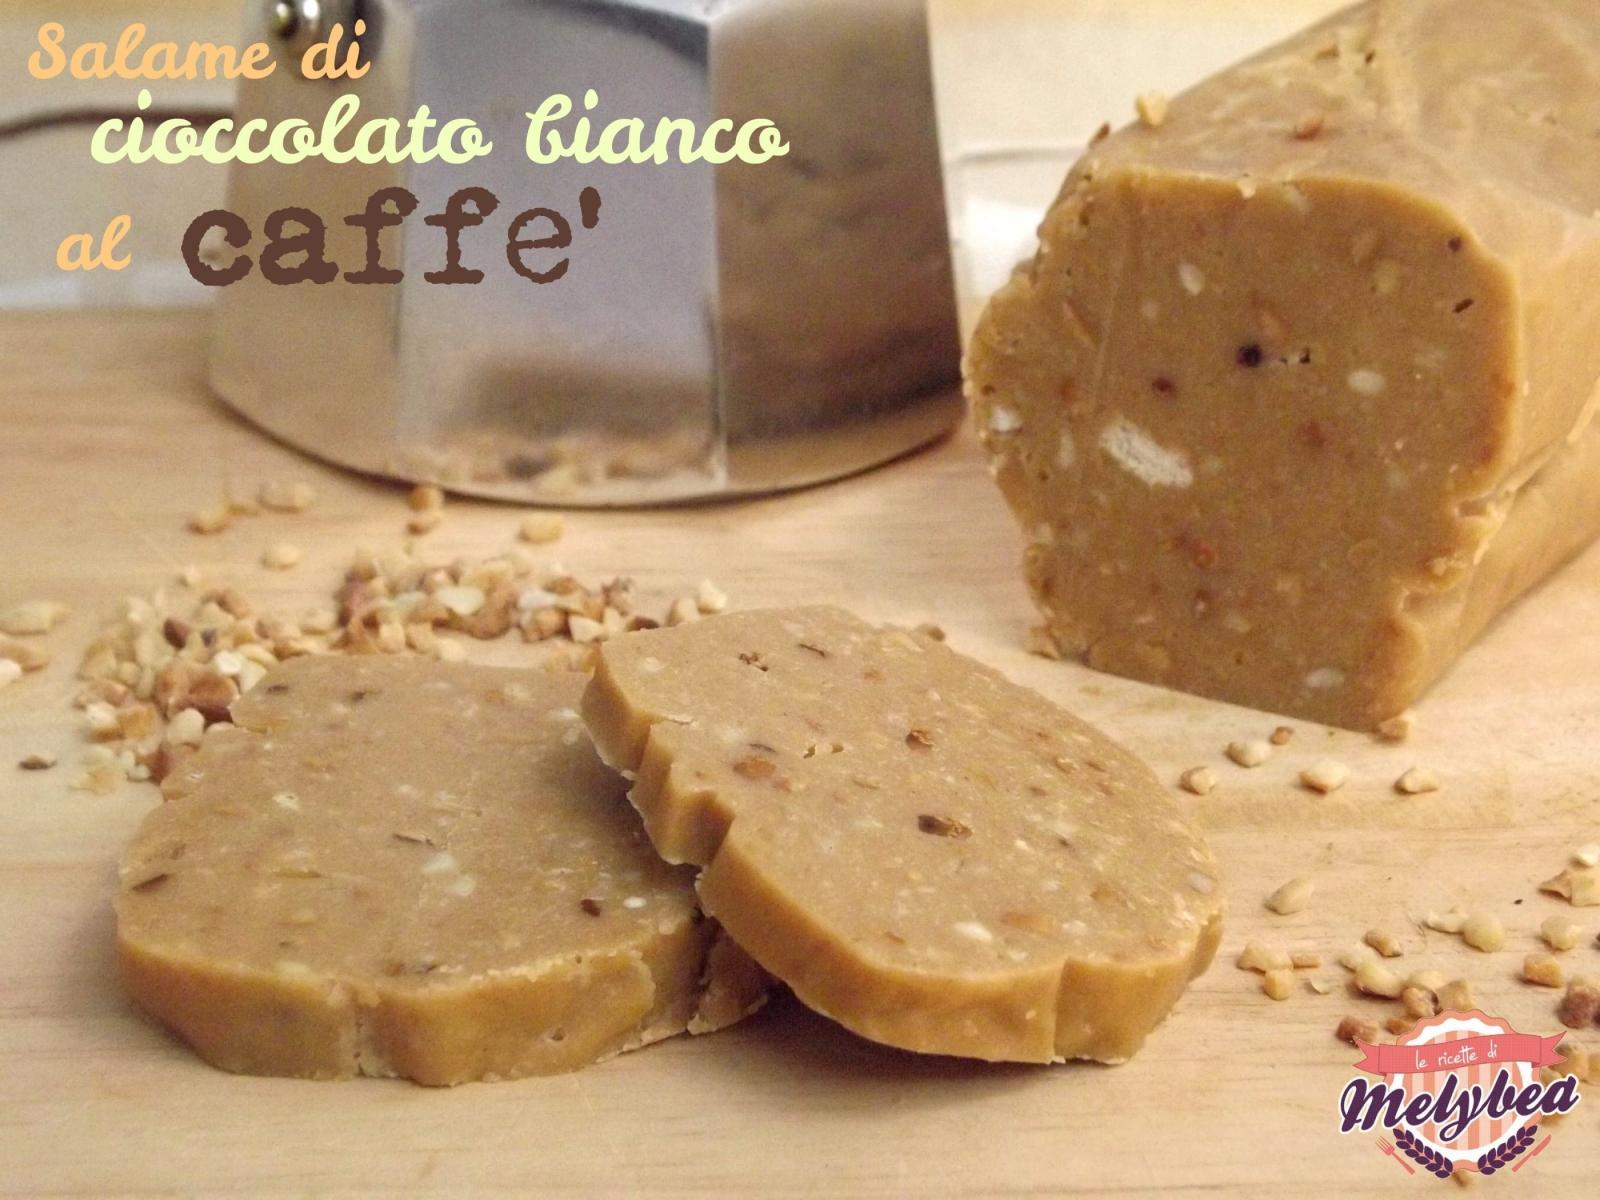 salame di cioccolato bianco al caffè